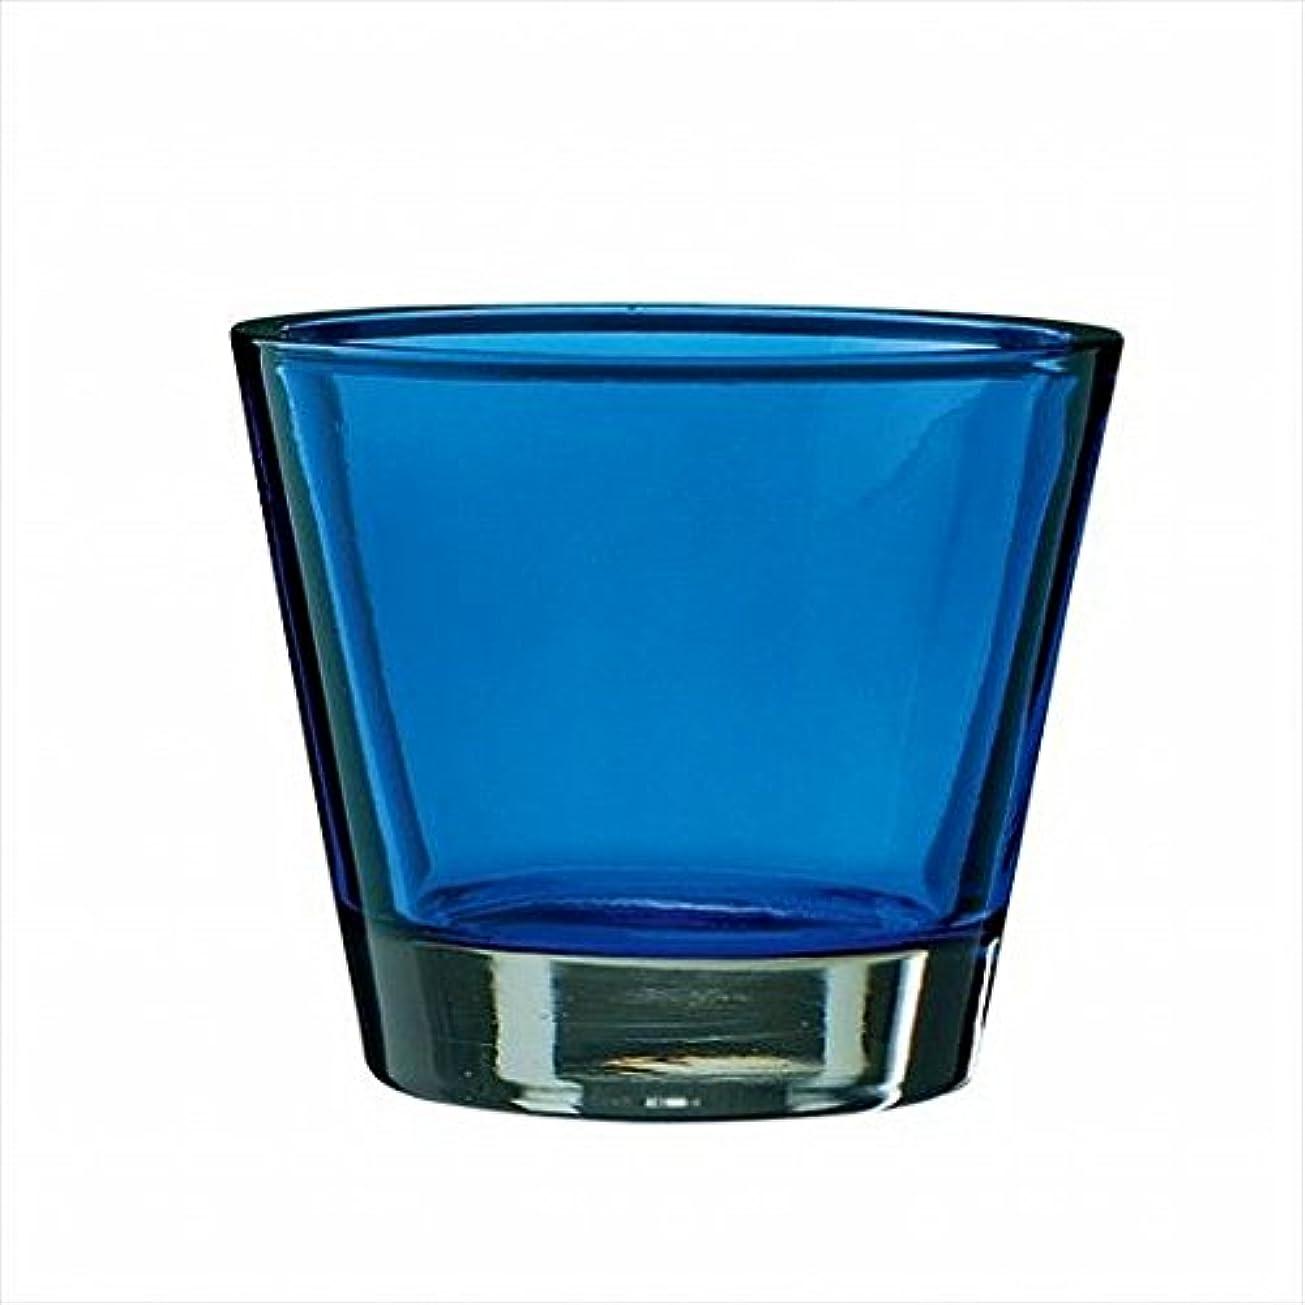 塩アシュリータファーマン儀式kameyama candle(カメヤマキャンドル) カラリス 「 ブルー 」 キャンドル 82x82x70mm (J2540000B)